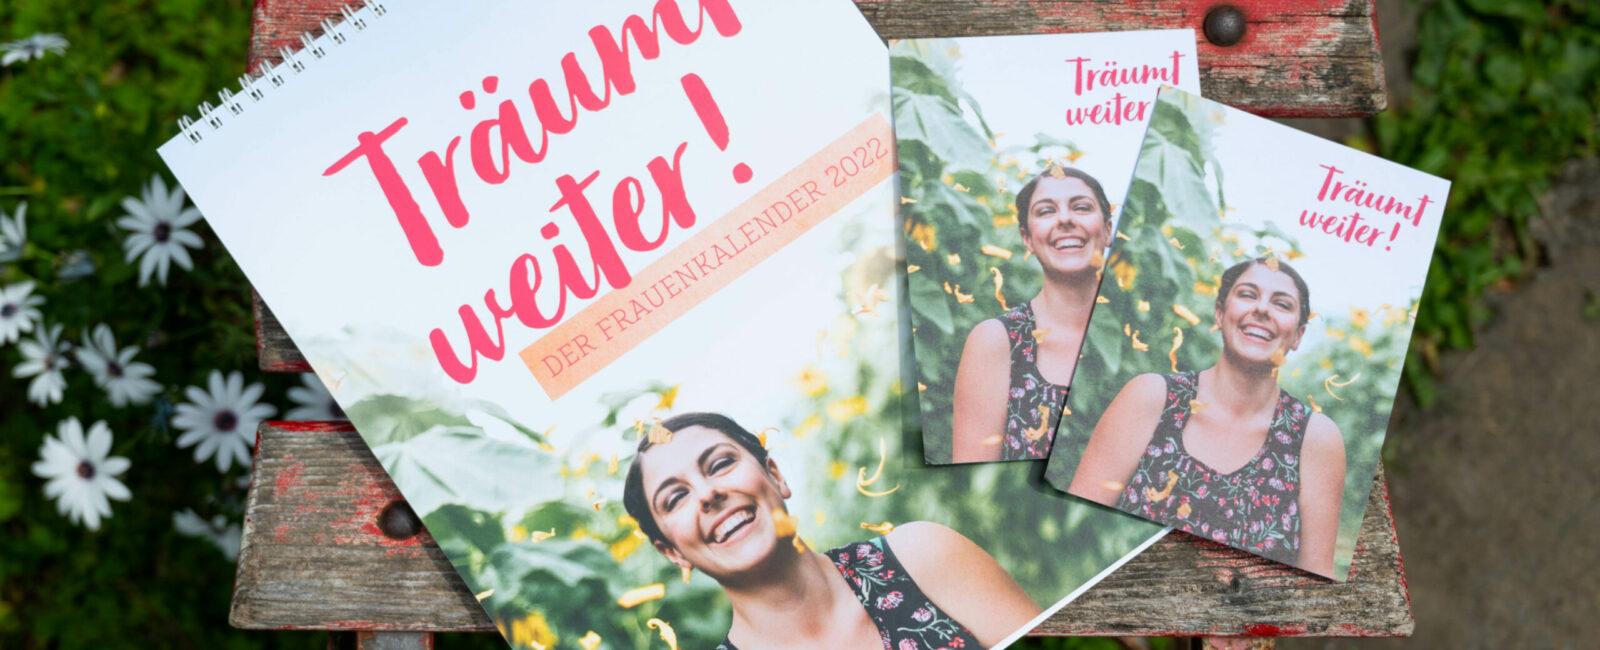 """Titelbild des Frauenkalender mit dem Titel """"Träum weiter"""" in rosa Schreibschrift und einer lachenden Frau im Sonnenblumenfeld."""